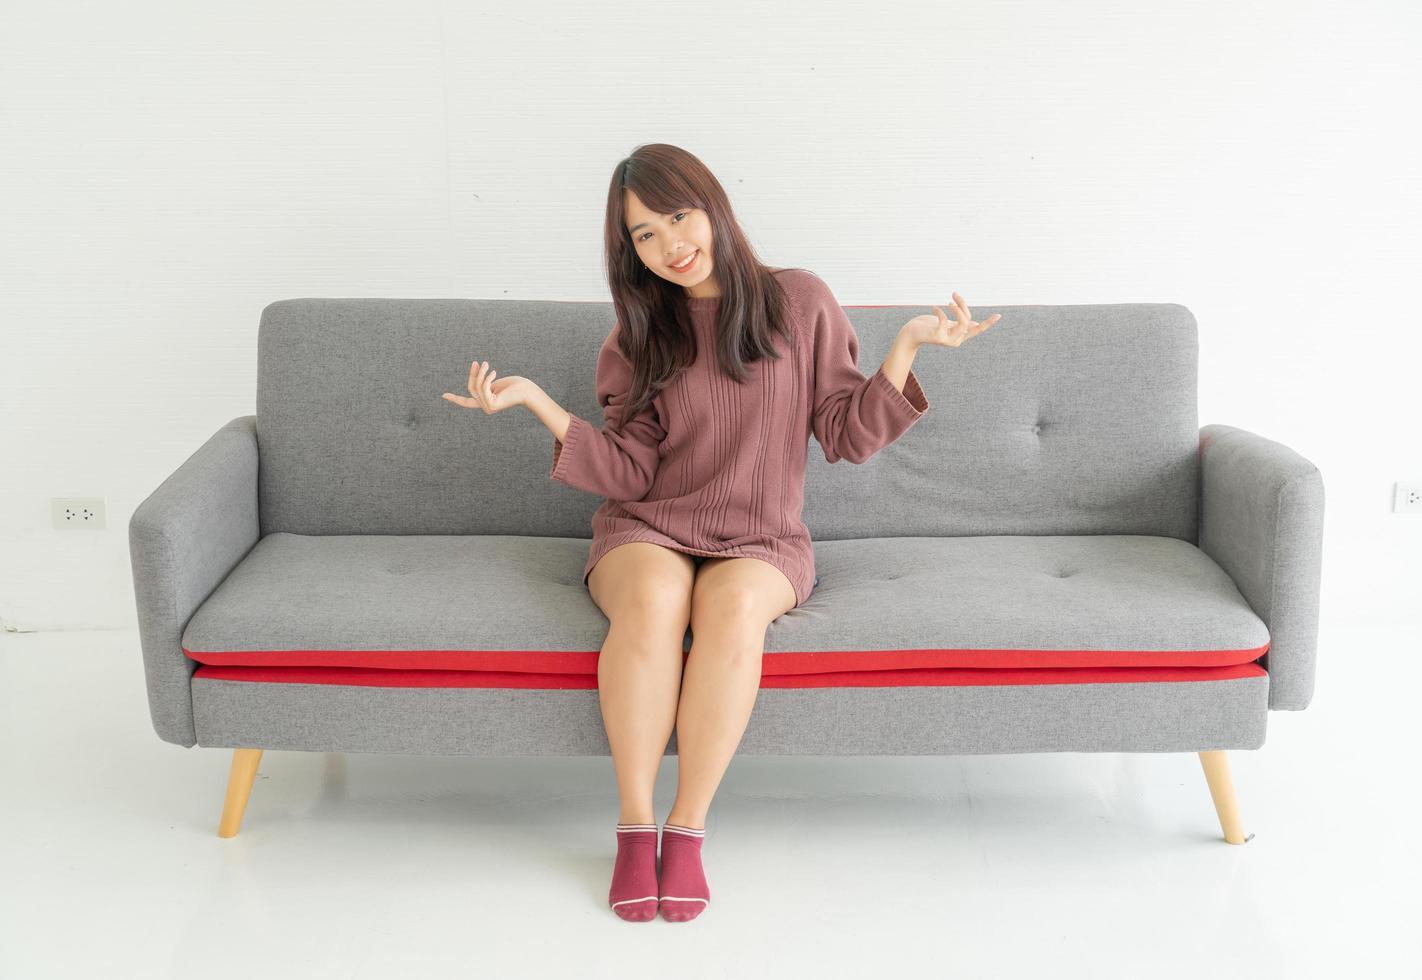 femme asiatique sur un canapé dans le salon avec espace de copie photo